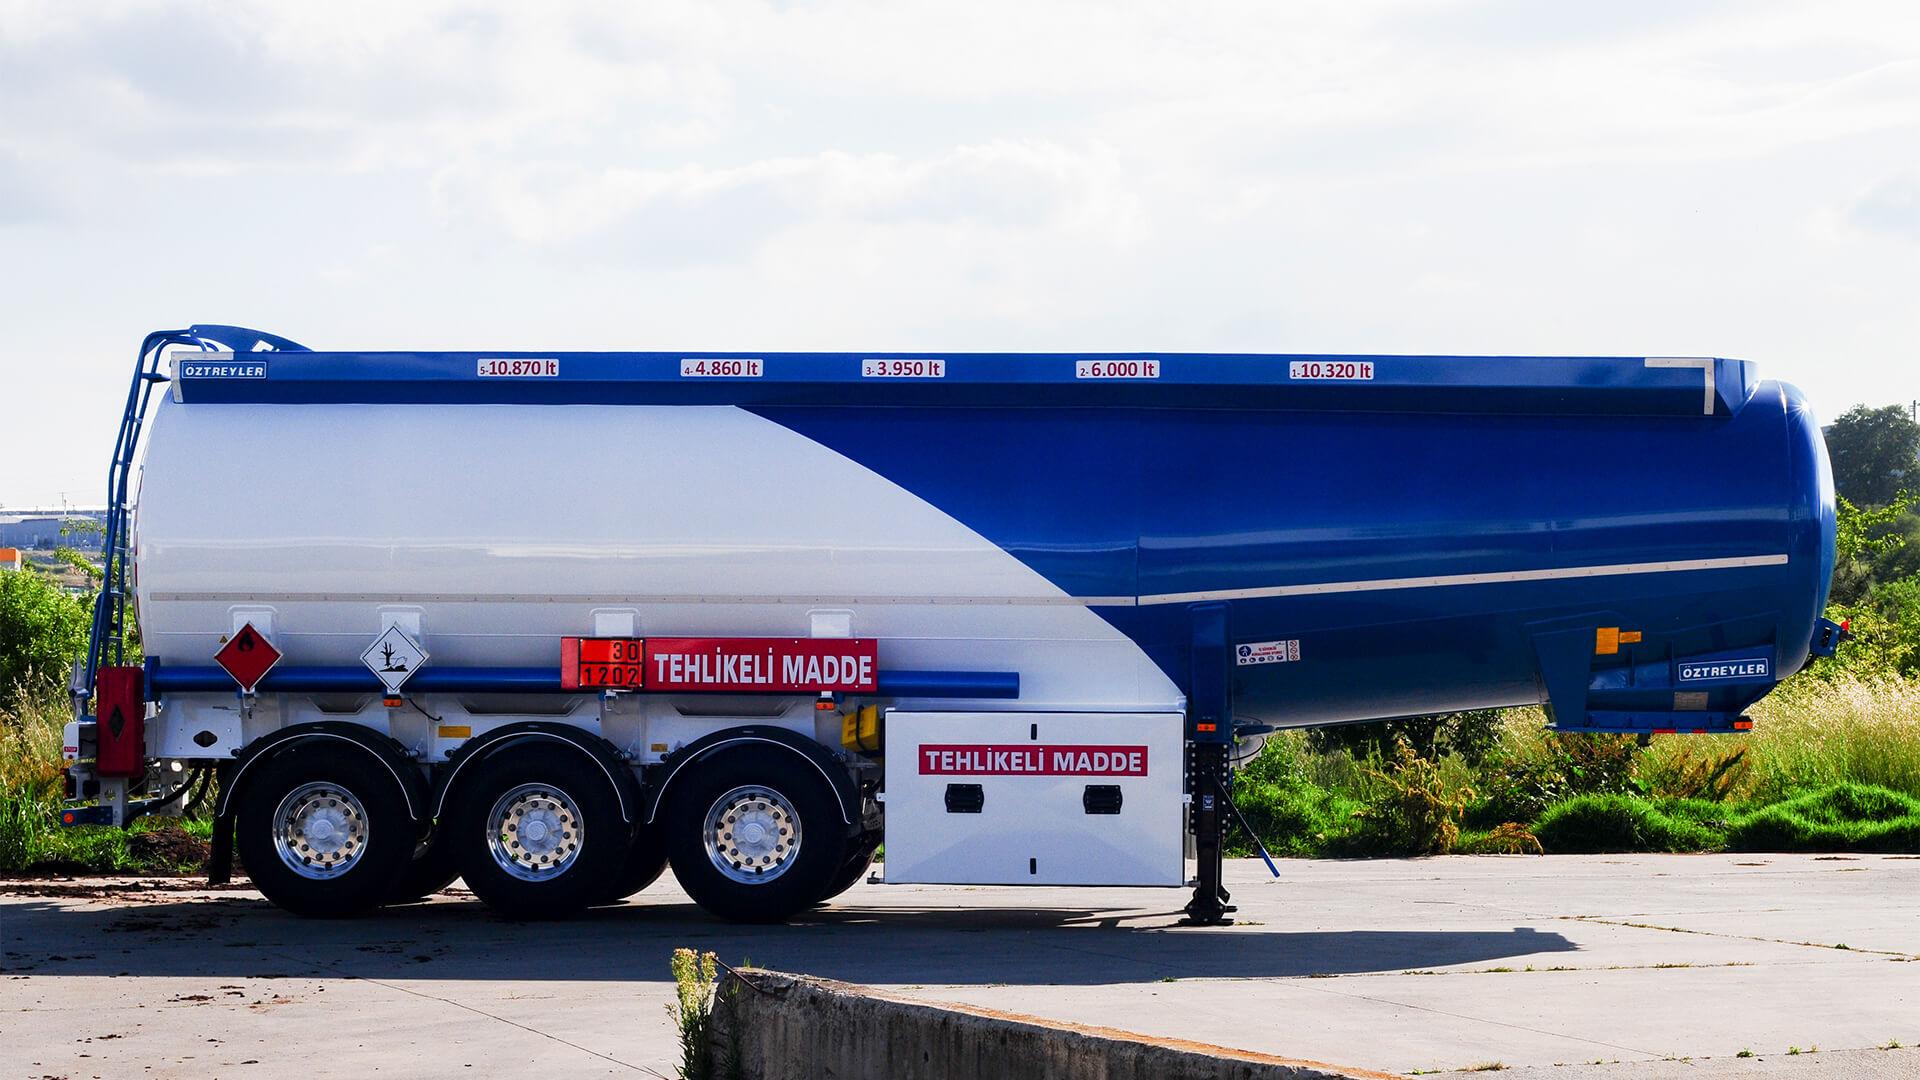 Steel Full Chassis Tanker Semi-Trailer